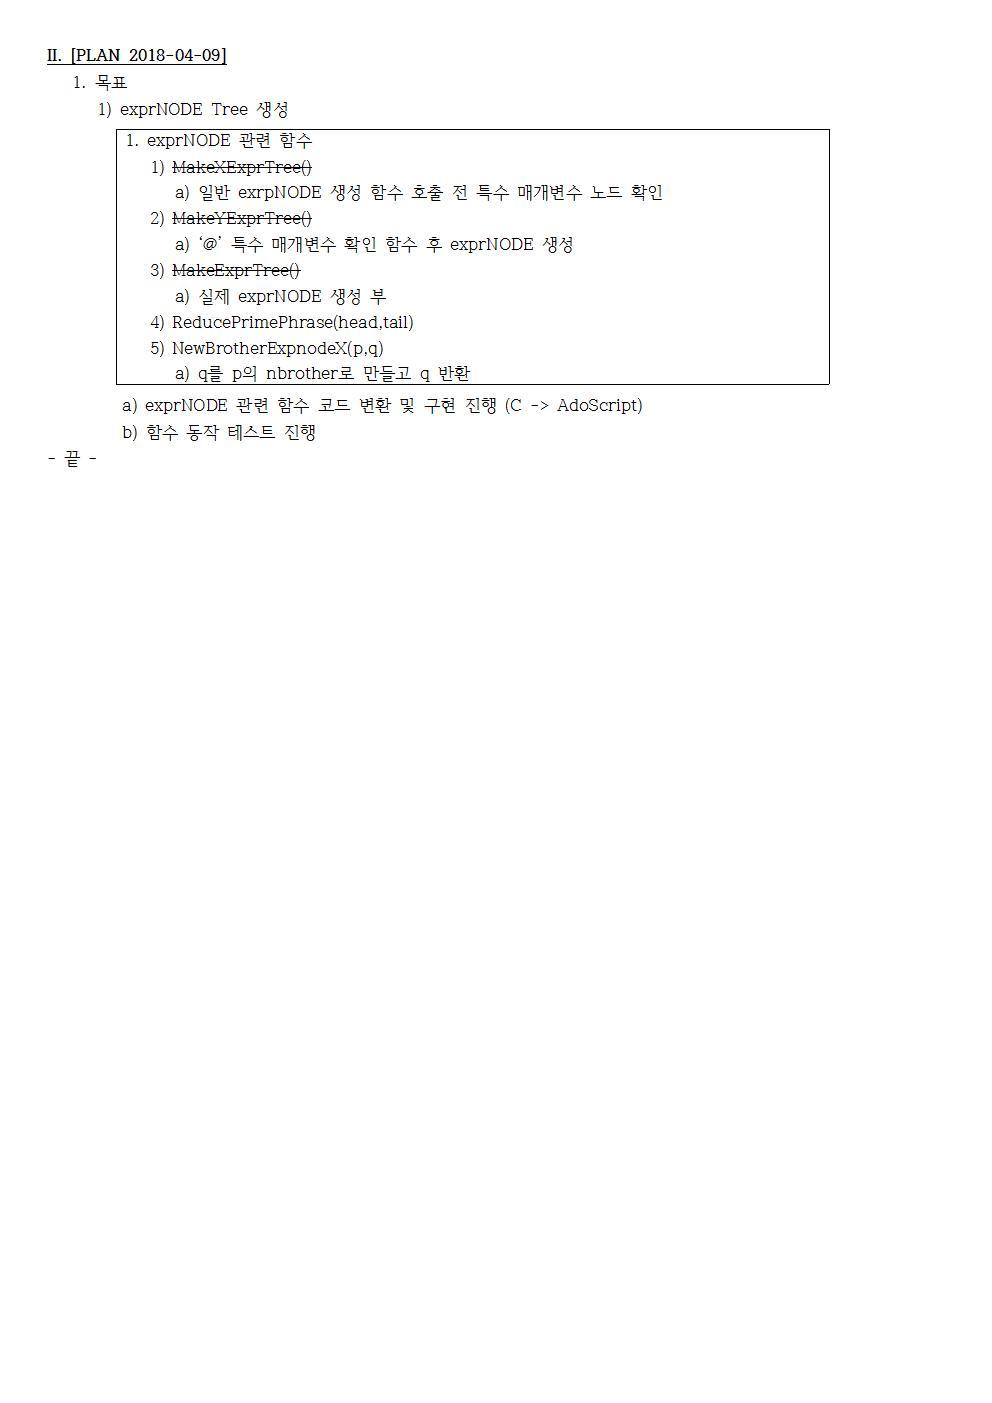 D-[18-003-RD-03]-[SRRE]-[2018-04-09][JS]002.jpg